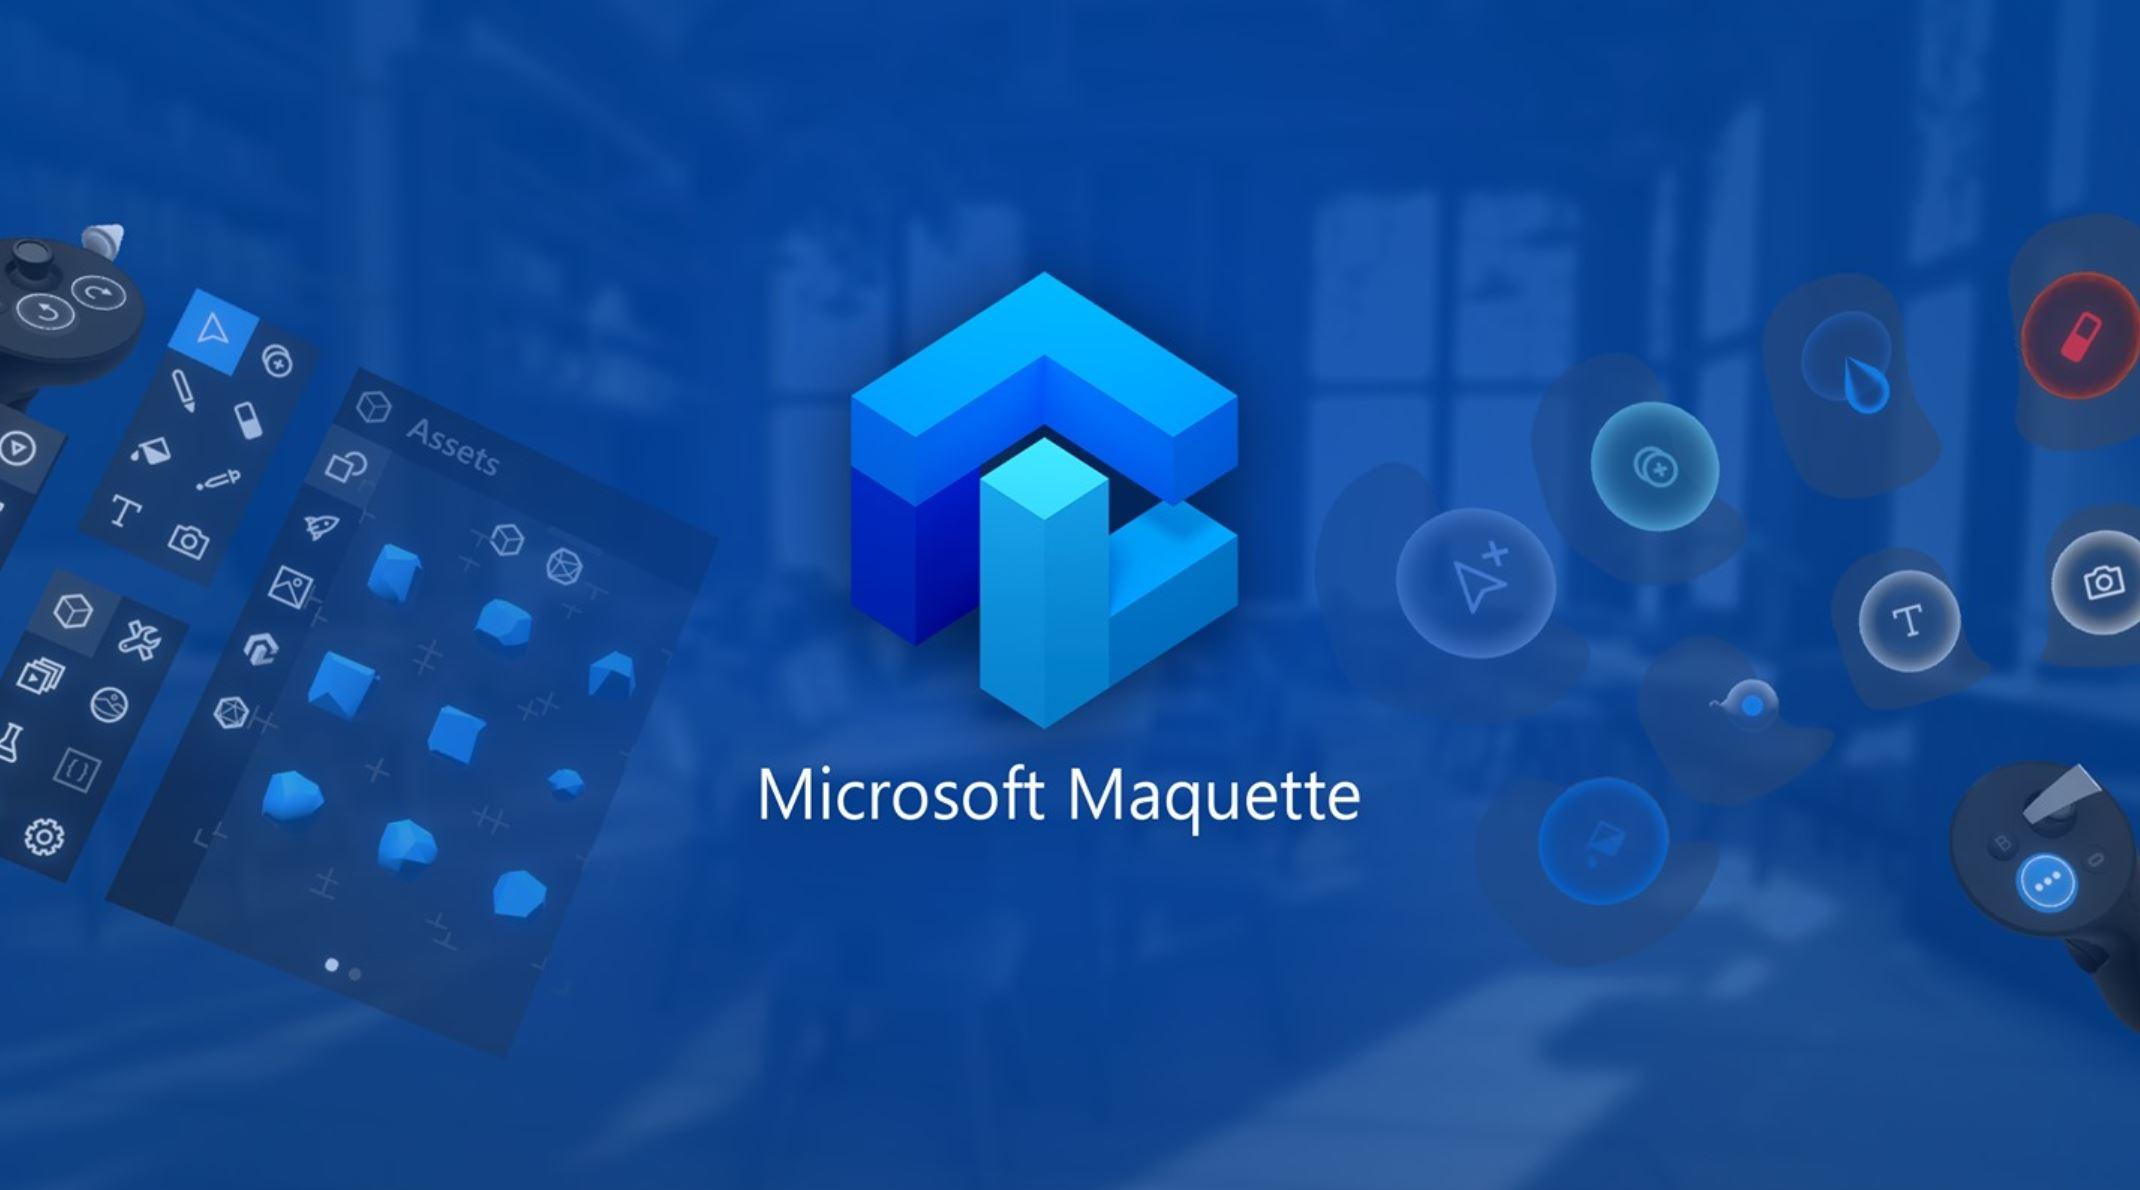 Microsoft Maquette